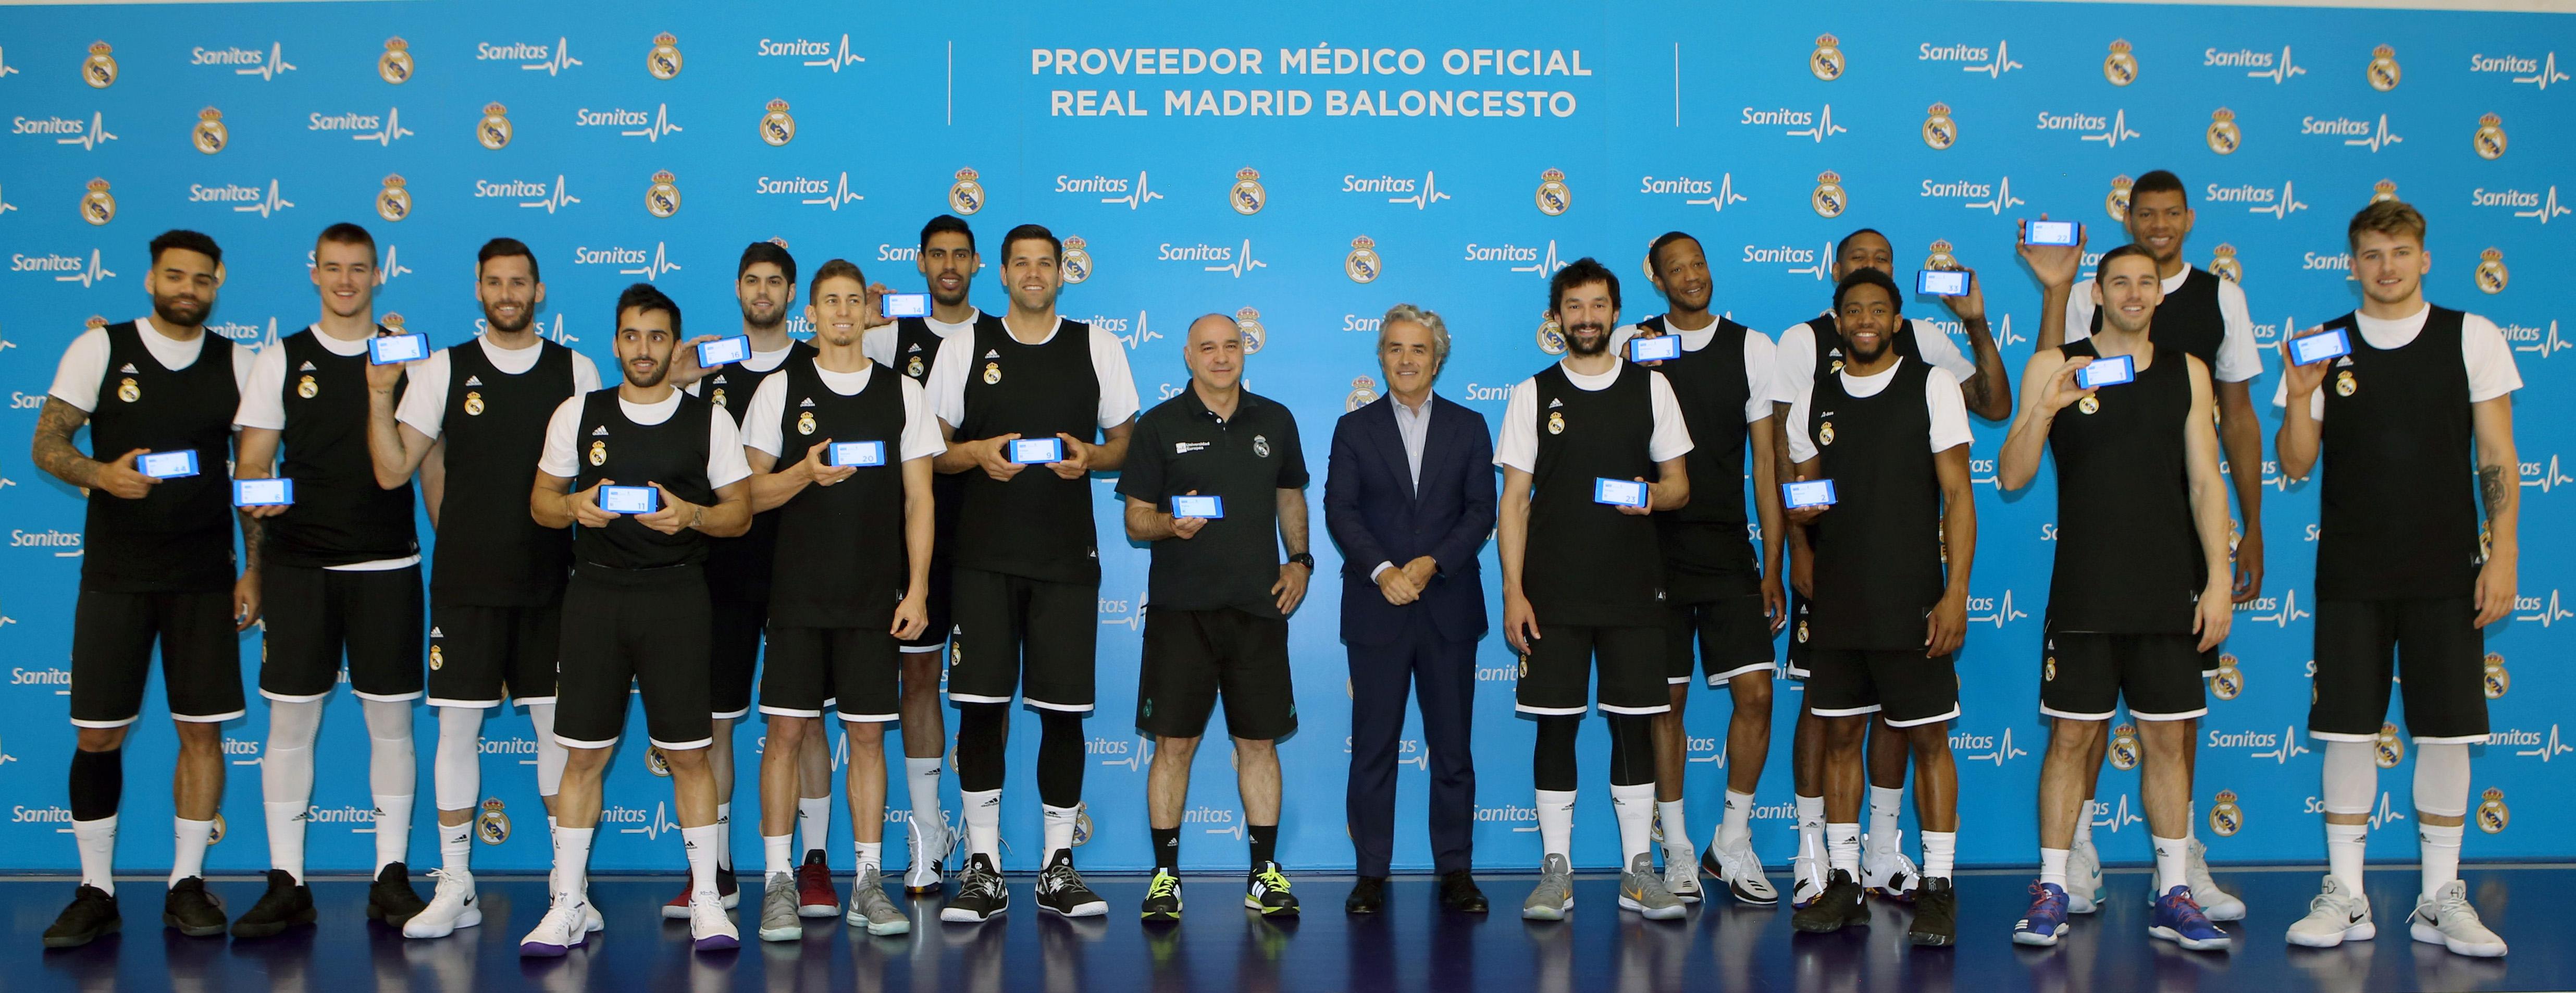 El real madrid de baloncesto recibe sus tarjetas sanitarias digitales de sanitas grupo aseguranza - Oficina sanitas zaragoza ...